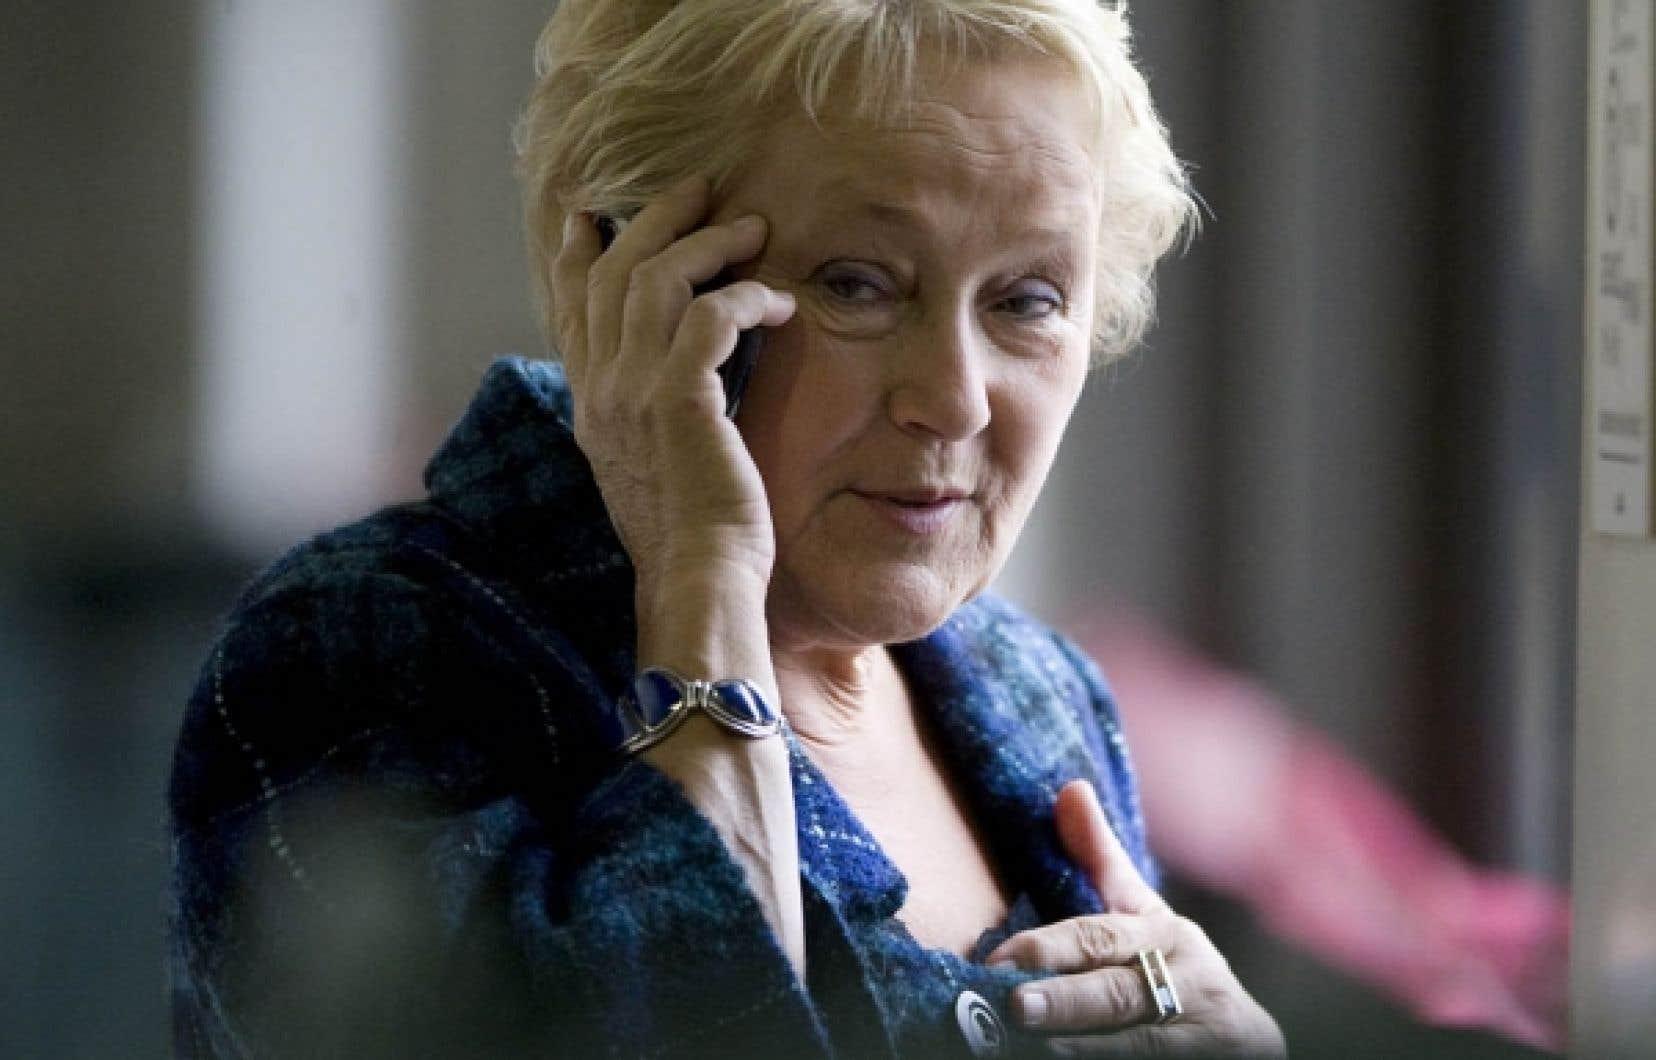 La chef du Parti québécois, Pauline Marois, en conversation téléphonique hier à Saint-Hyacinthe, où se tenait le conseil national du parti. Des militants ont confié au Devoir être inquiets du fait que leur chef ne profite pas à plein de l'impopularité du gouvernement Charest.